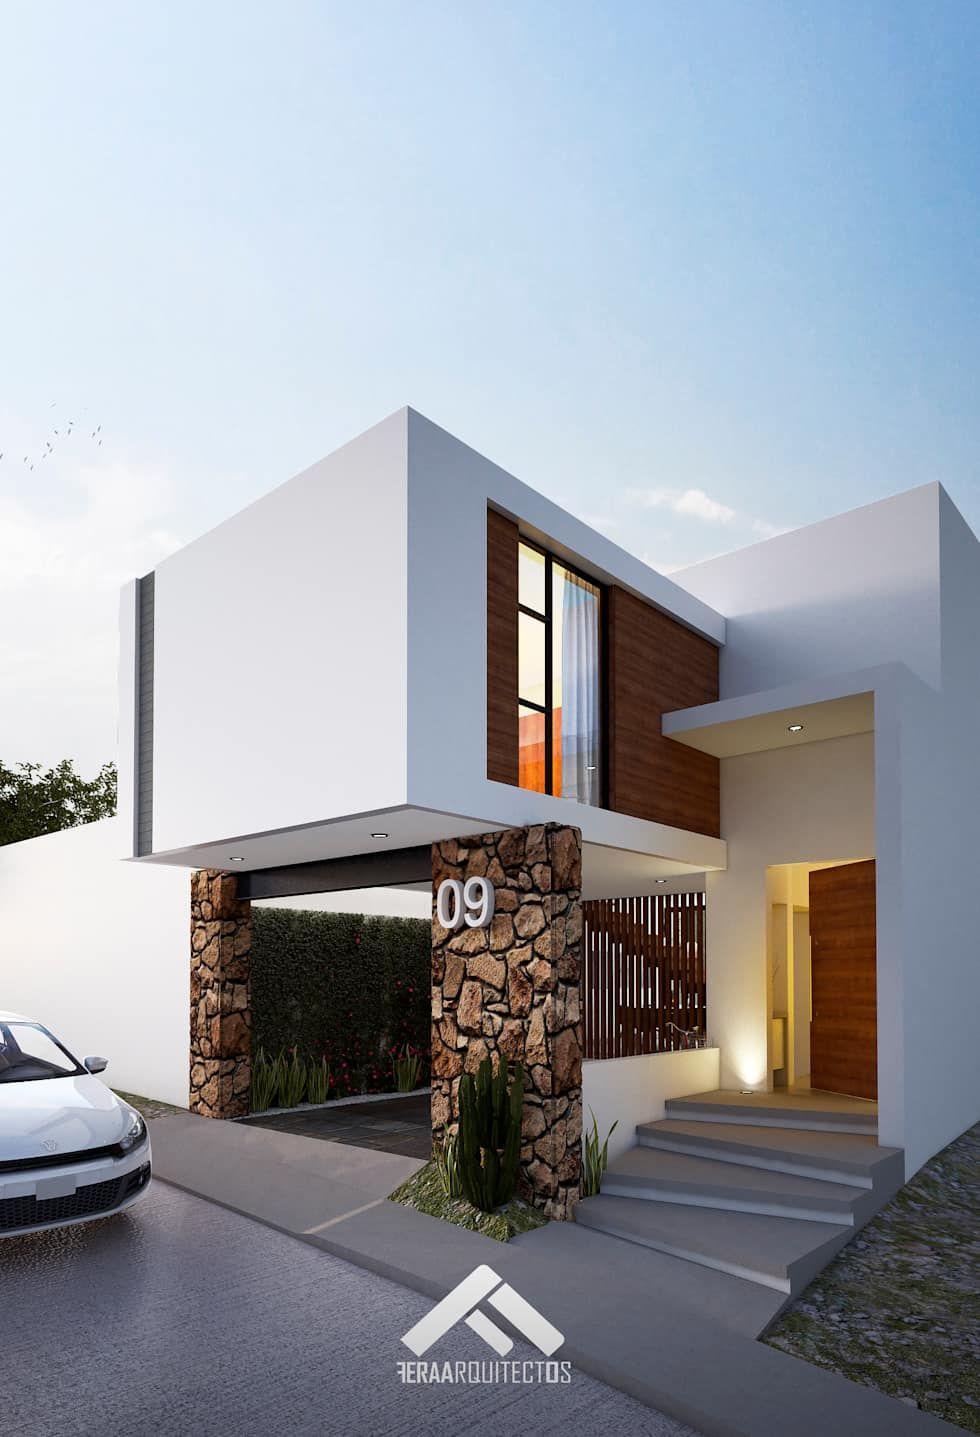 Fachada principal casas minimalistas de feraarquitectos for Design minimalista